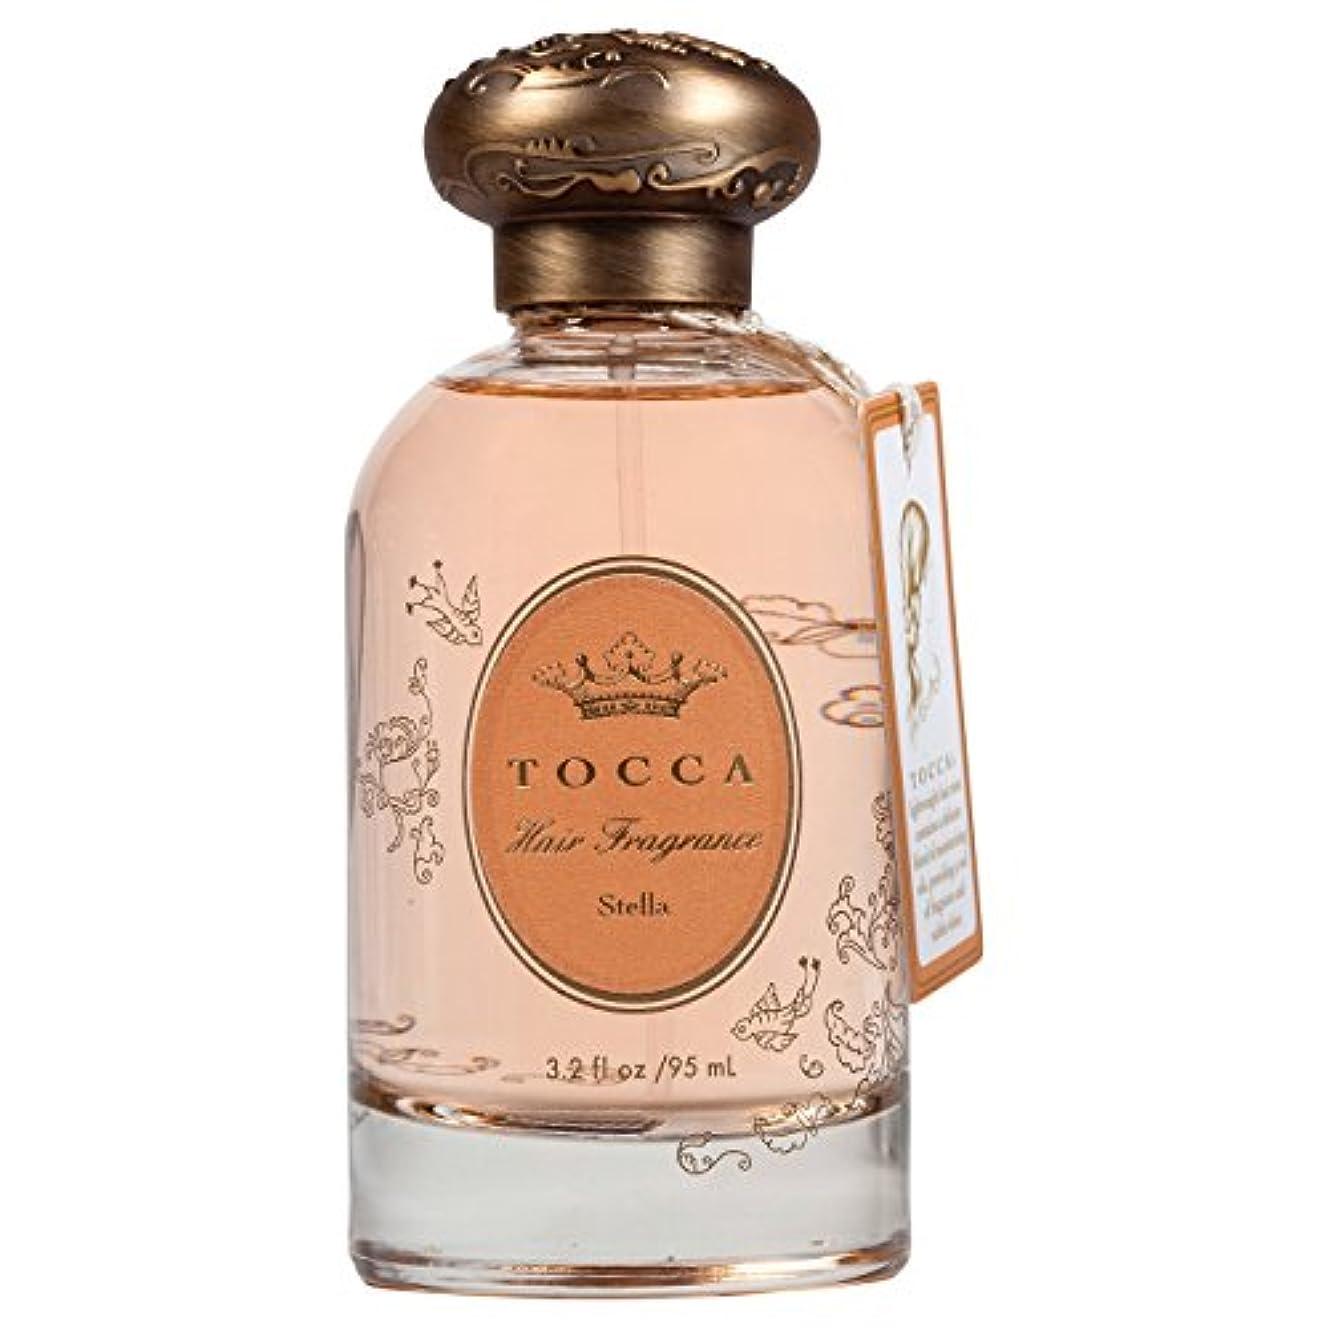 収束する協力する収益トッカ(TOCCA) ヘアフレグランスミスト ステラの香り 95ml